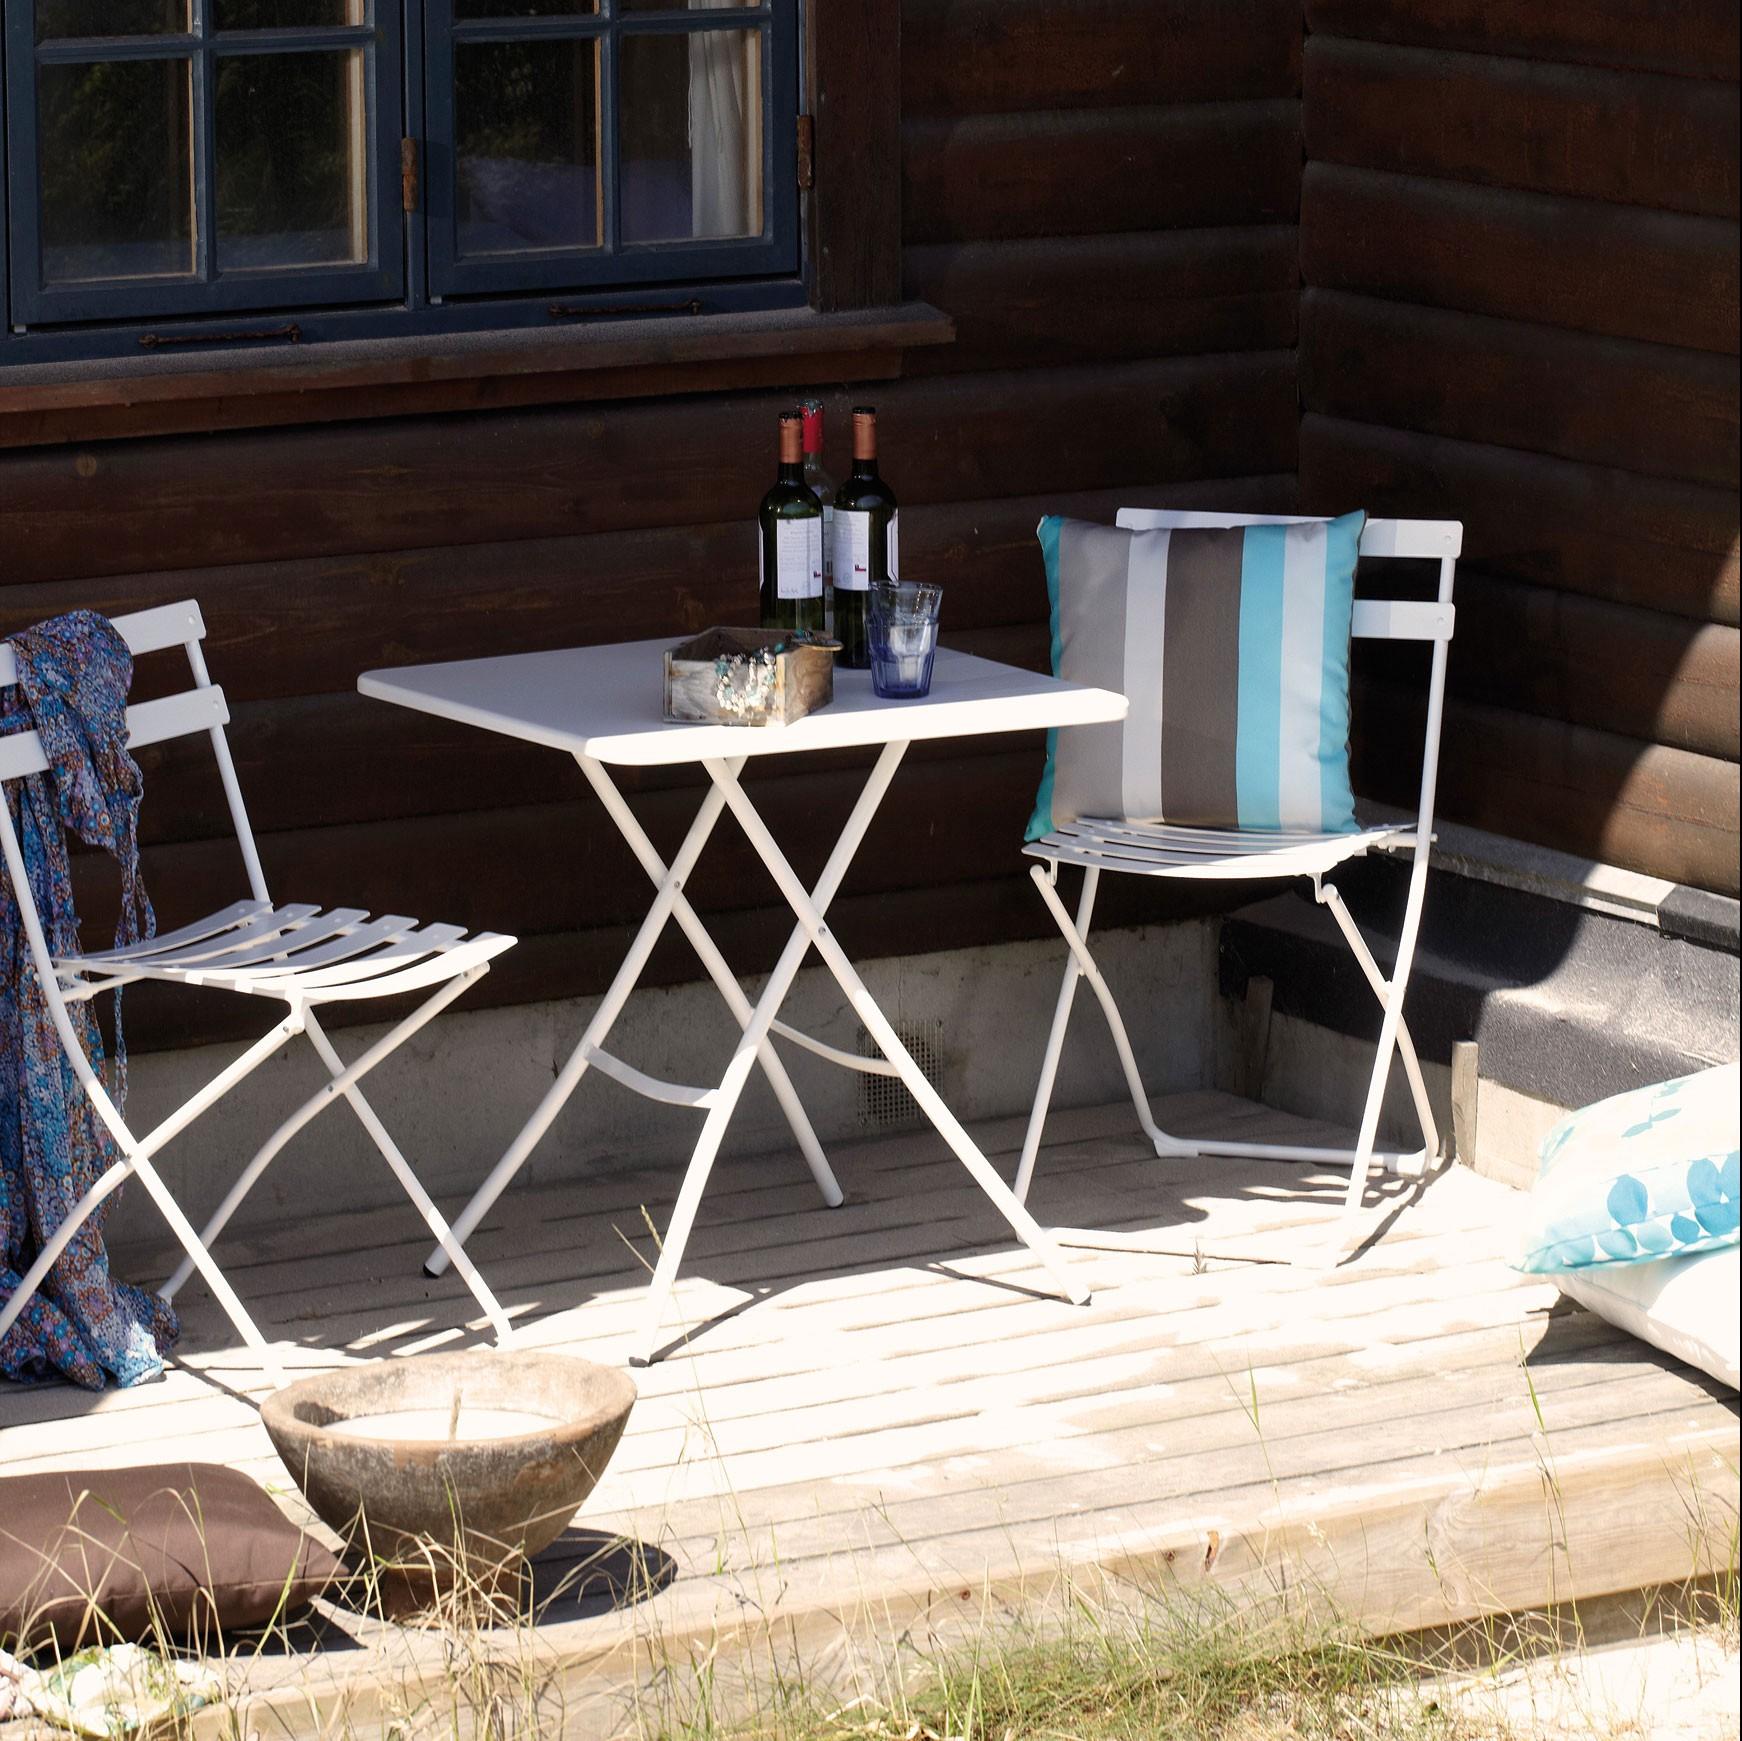 Bistroset Spring Outdoor - 1 Klapptisch & 2 Stühle - Stahlrohrgestell weiß